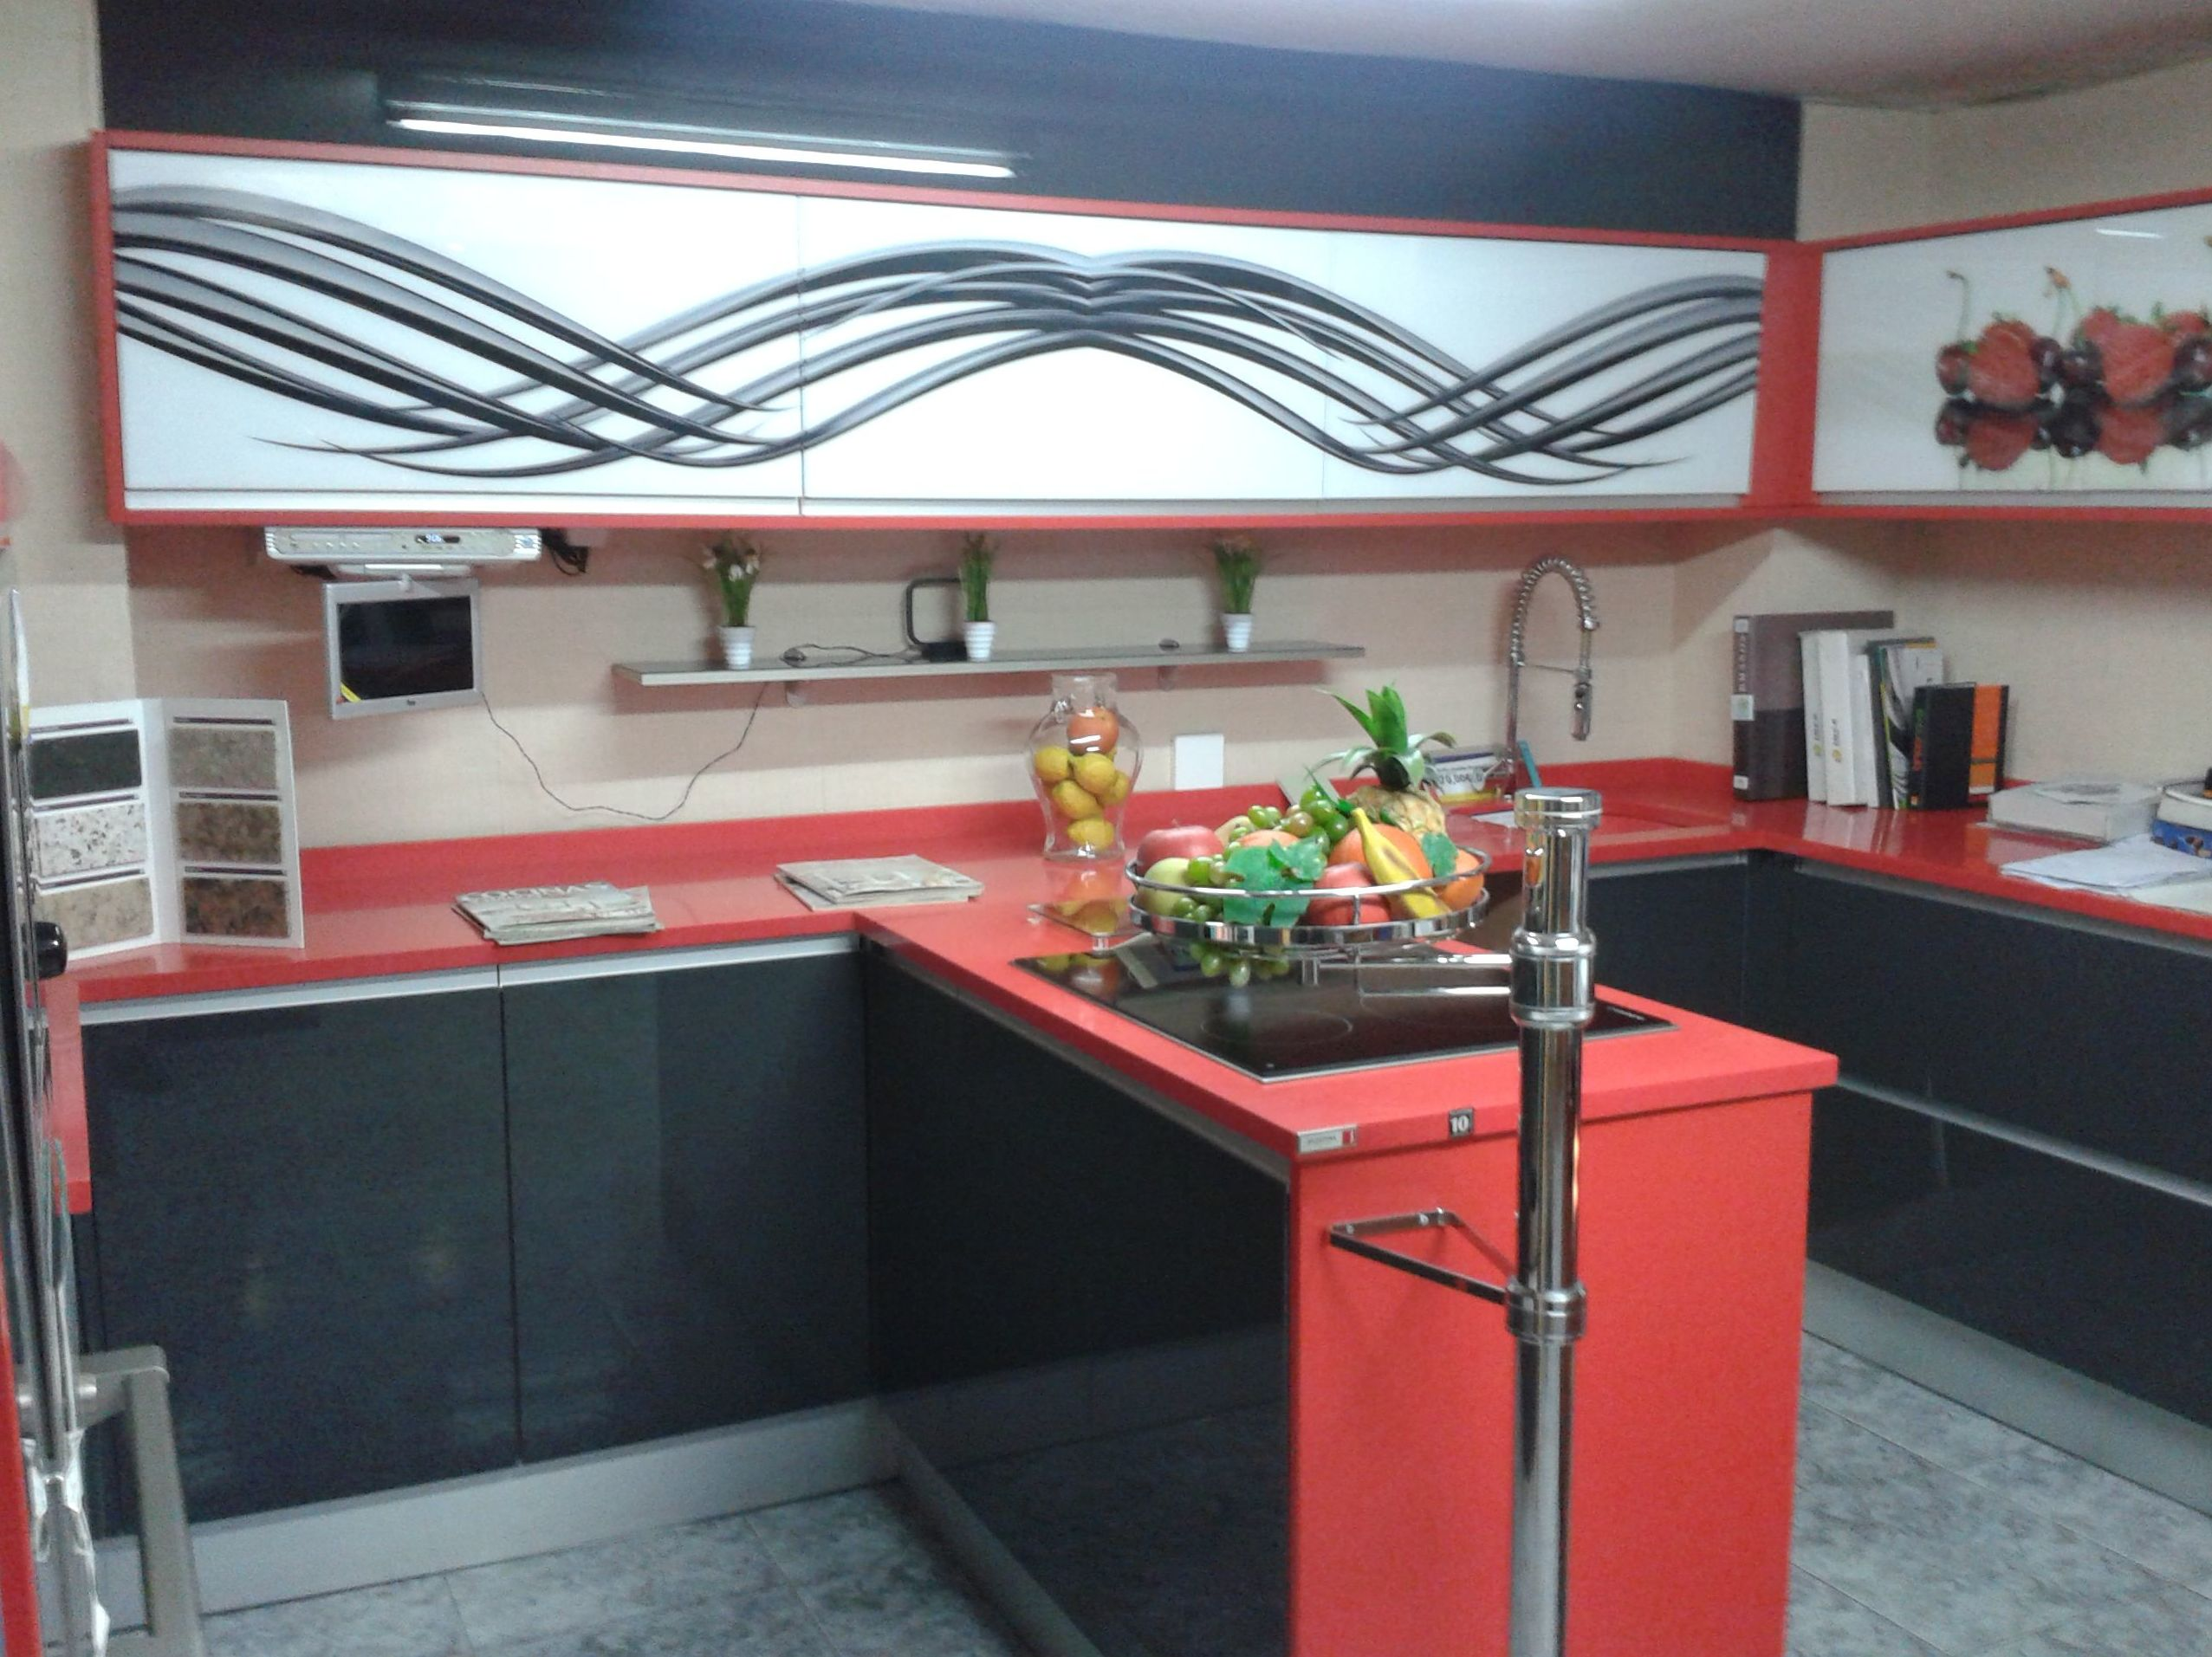 Cocinas modernas baratas precios muebles de cocina a for Cocinas madrid baratas